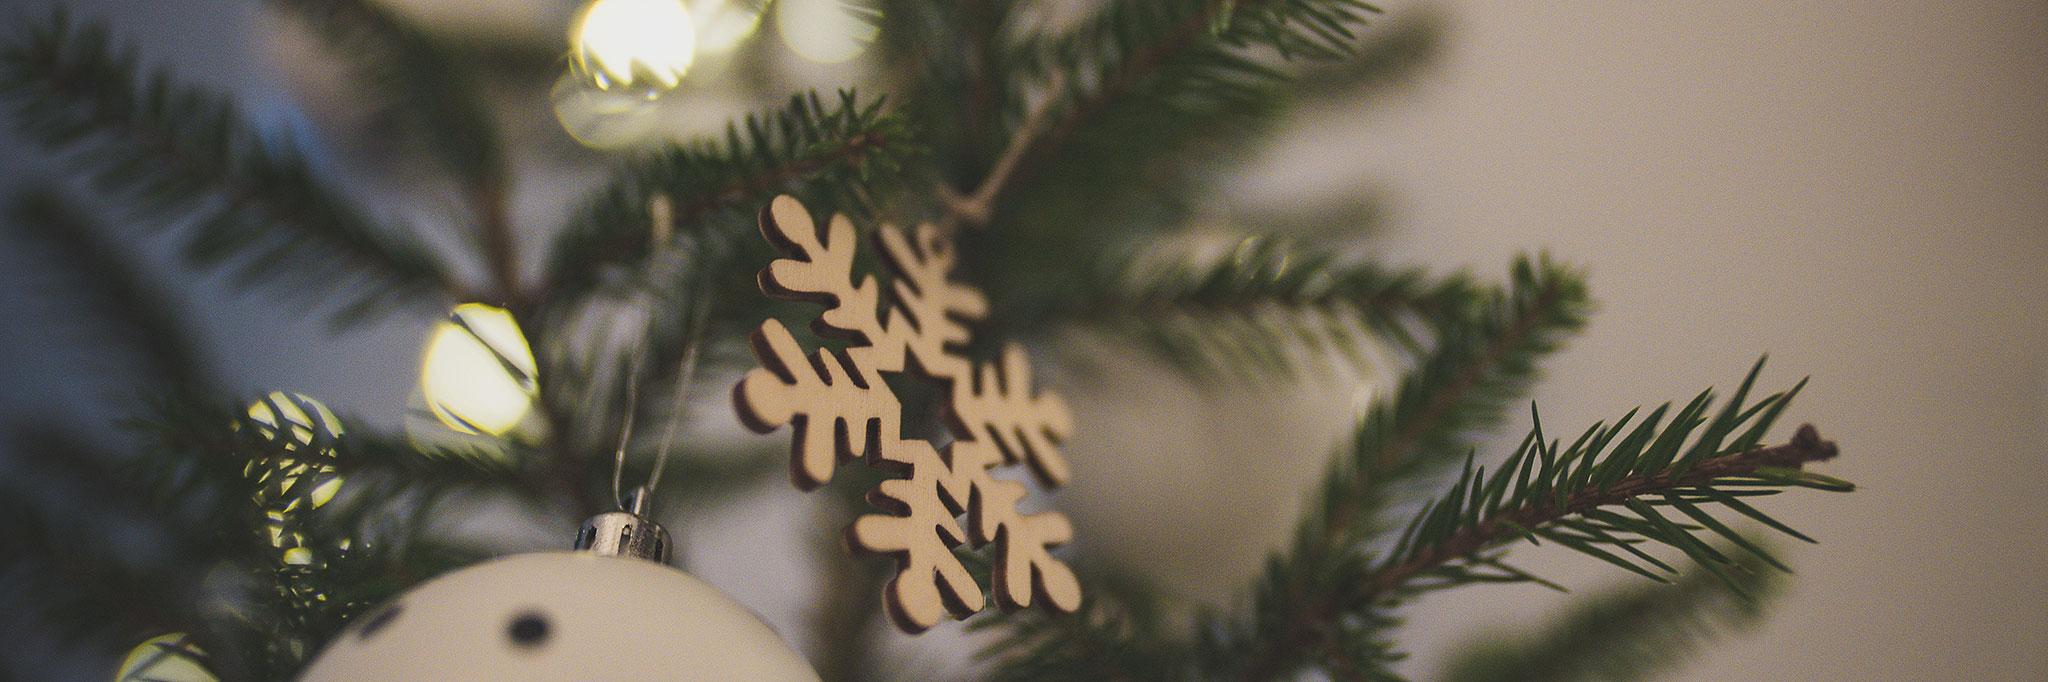 Minimalistlikud jõulud meie kodus